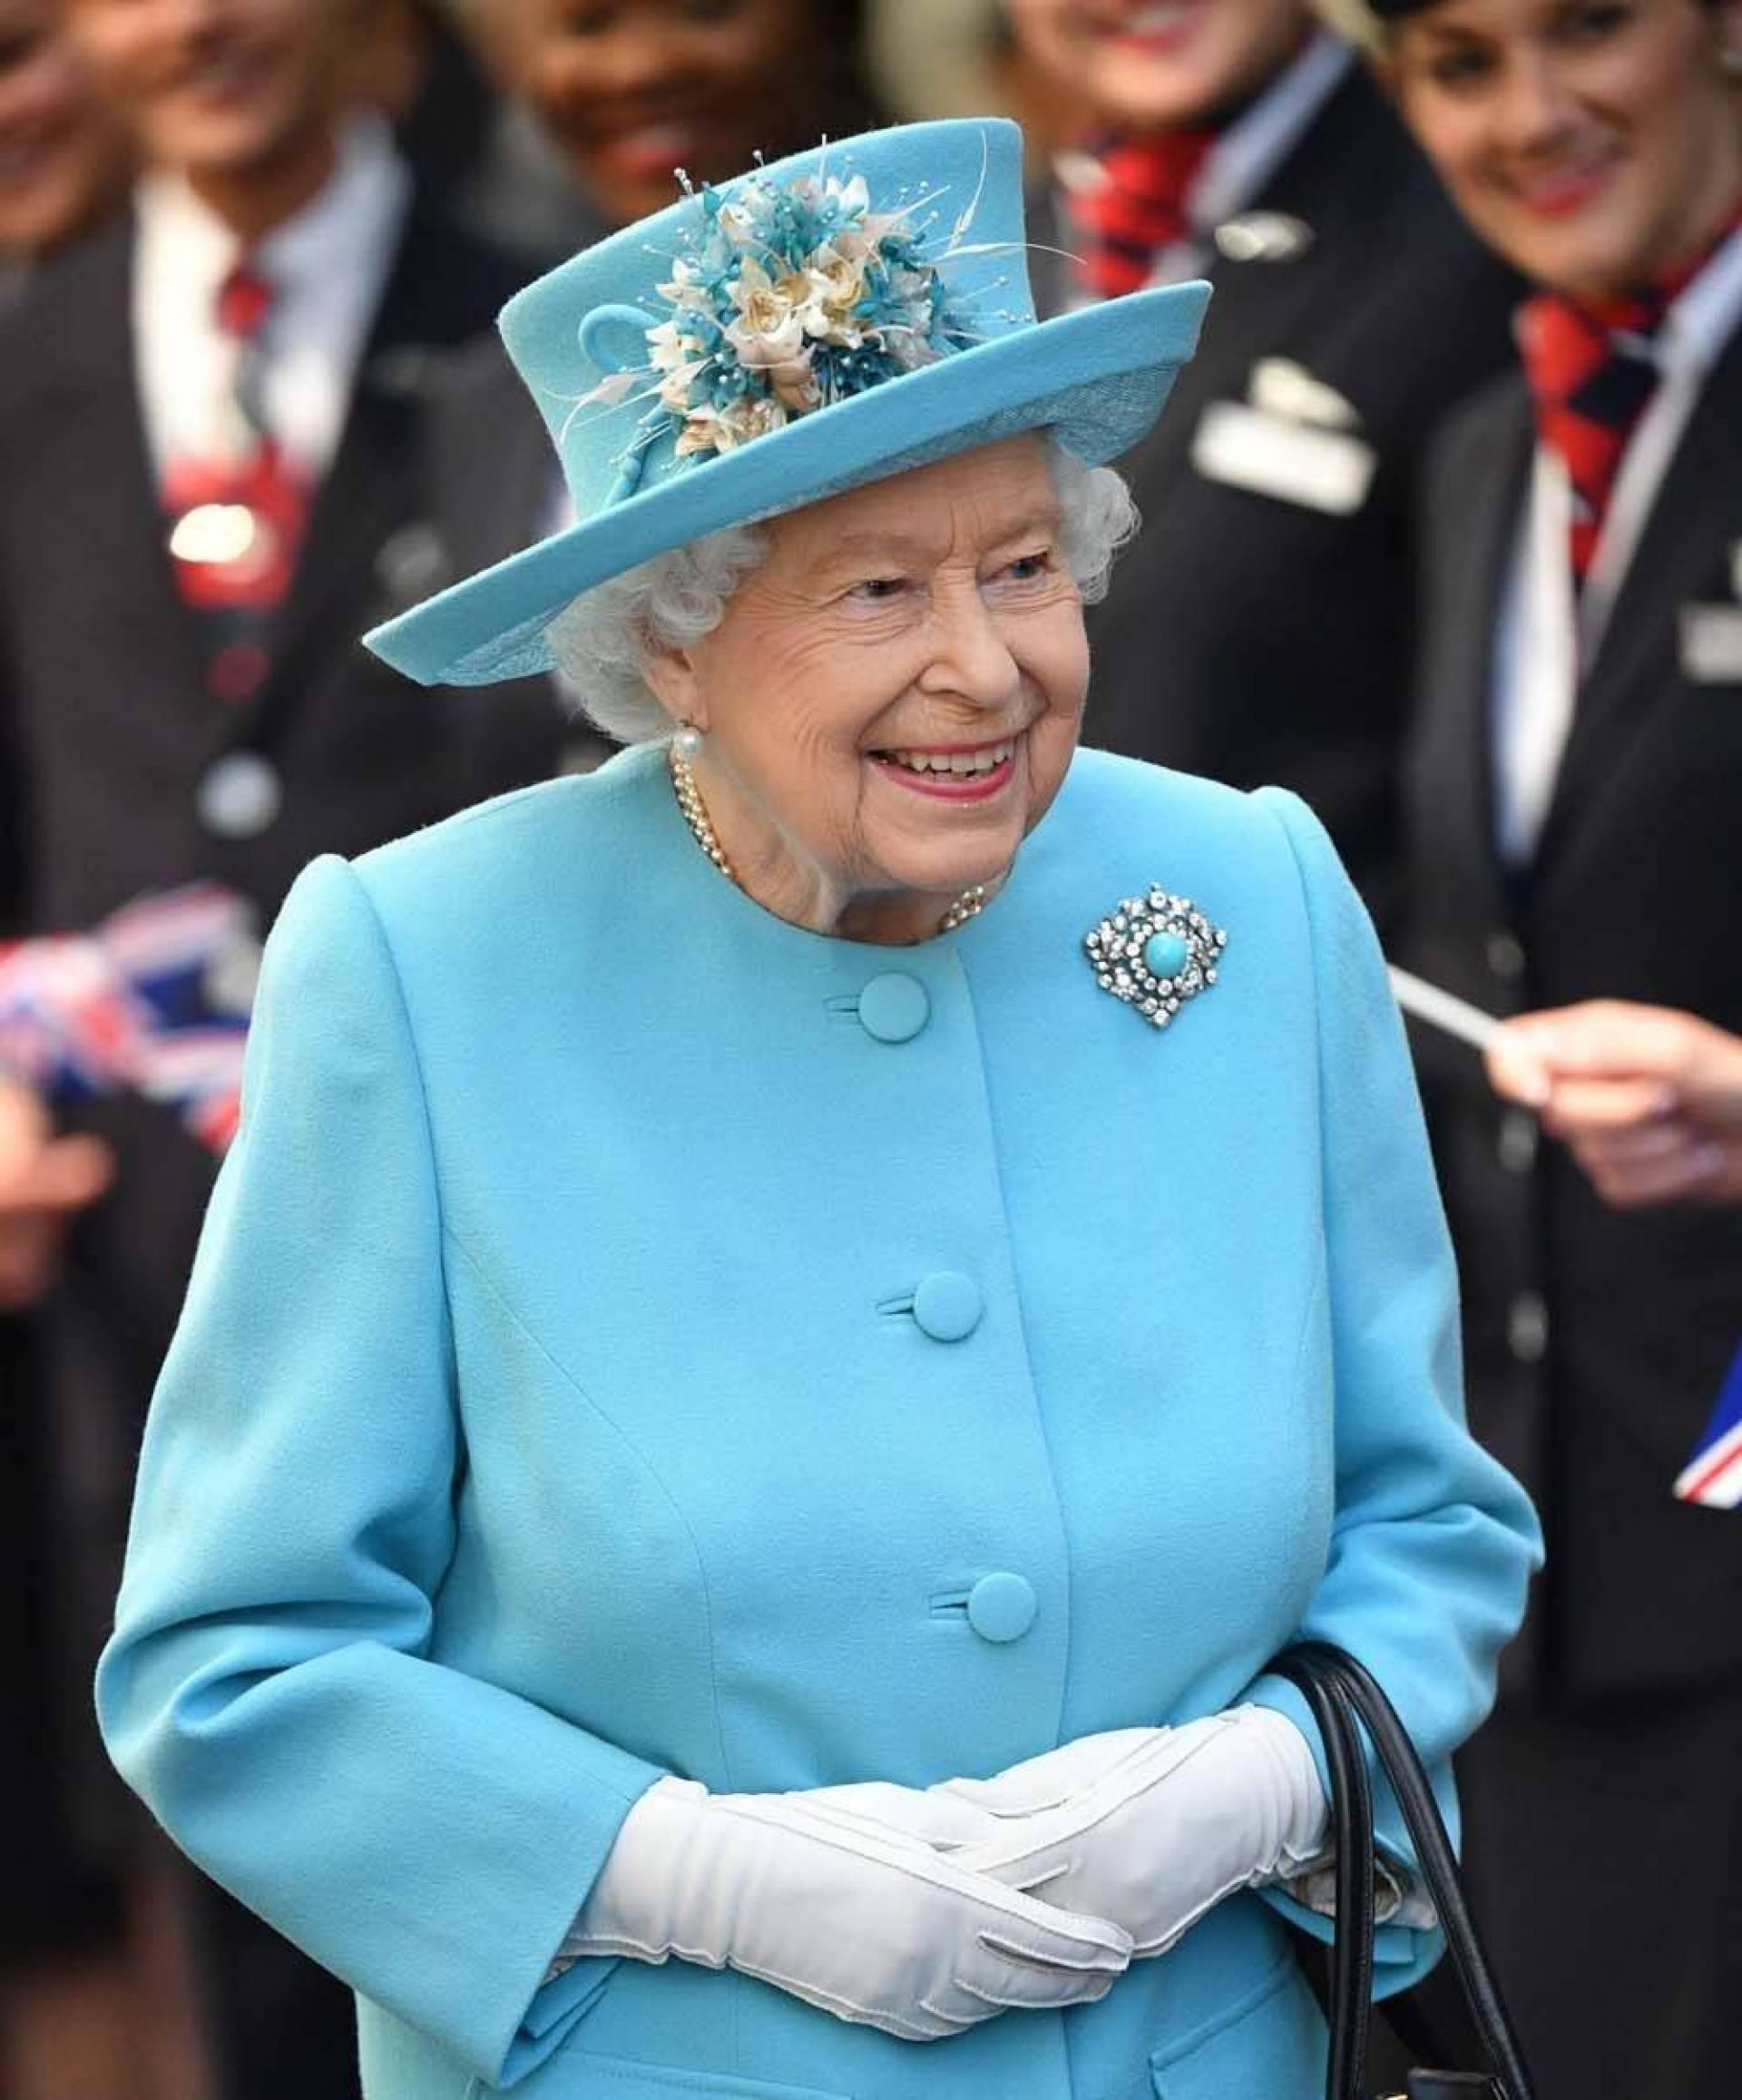 للمرة الأولى منذ 33 عاماً تمرد في القصر الملكي يربك الملكة إليزابيث الثانية